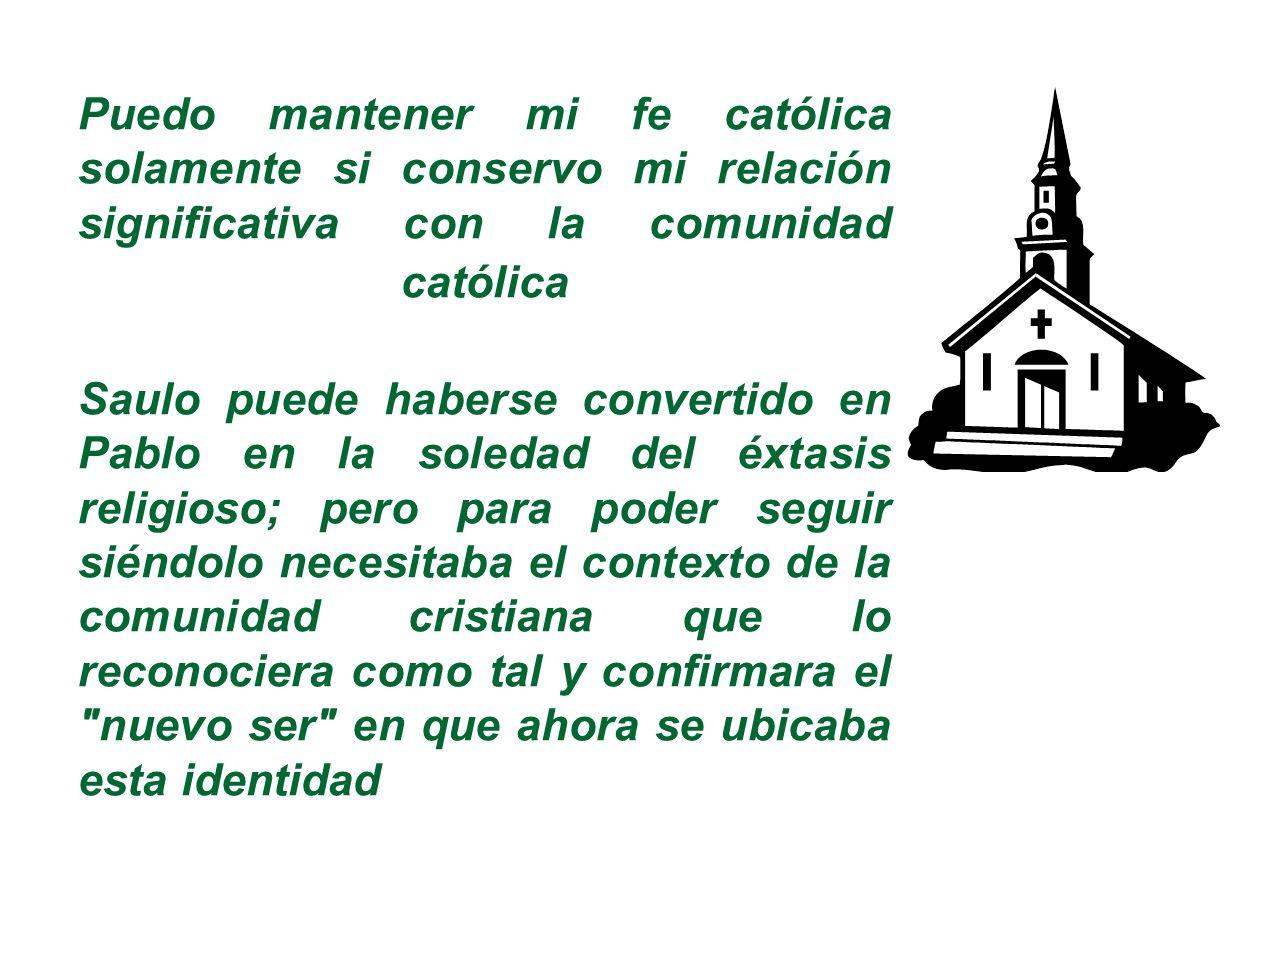 Puedo mantener mi fe católica solamente si conservo mi relación significativa con la comunidad católica Saulo puede haberse convertido en Pablo en la